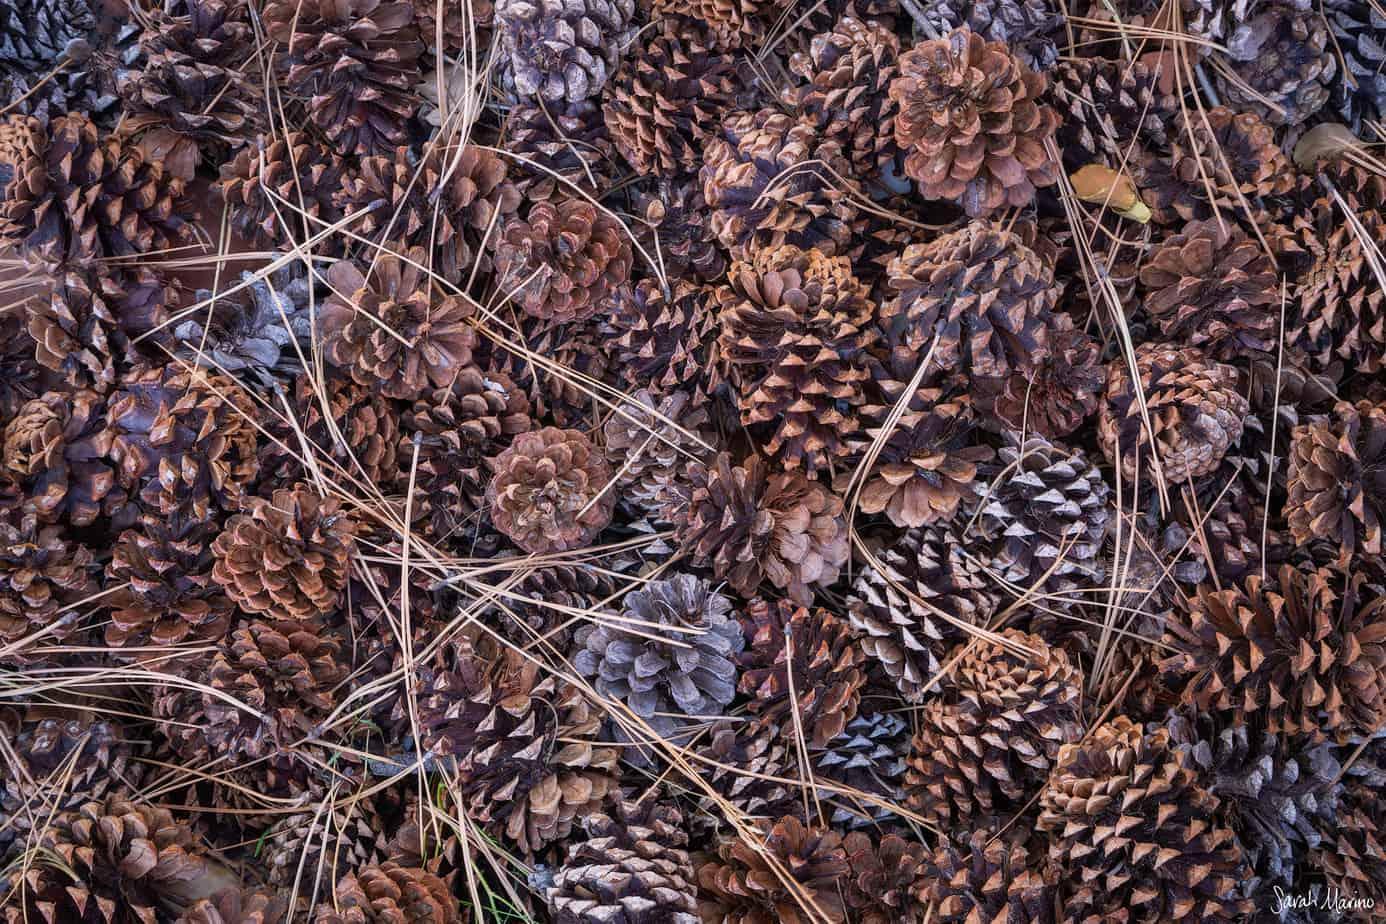 Sarah-Marino-Zion-Pinecones-Needles-1200px-Watermark.jpg